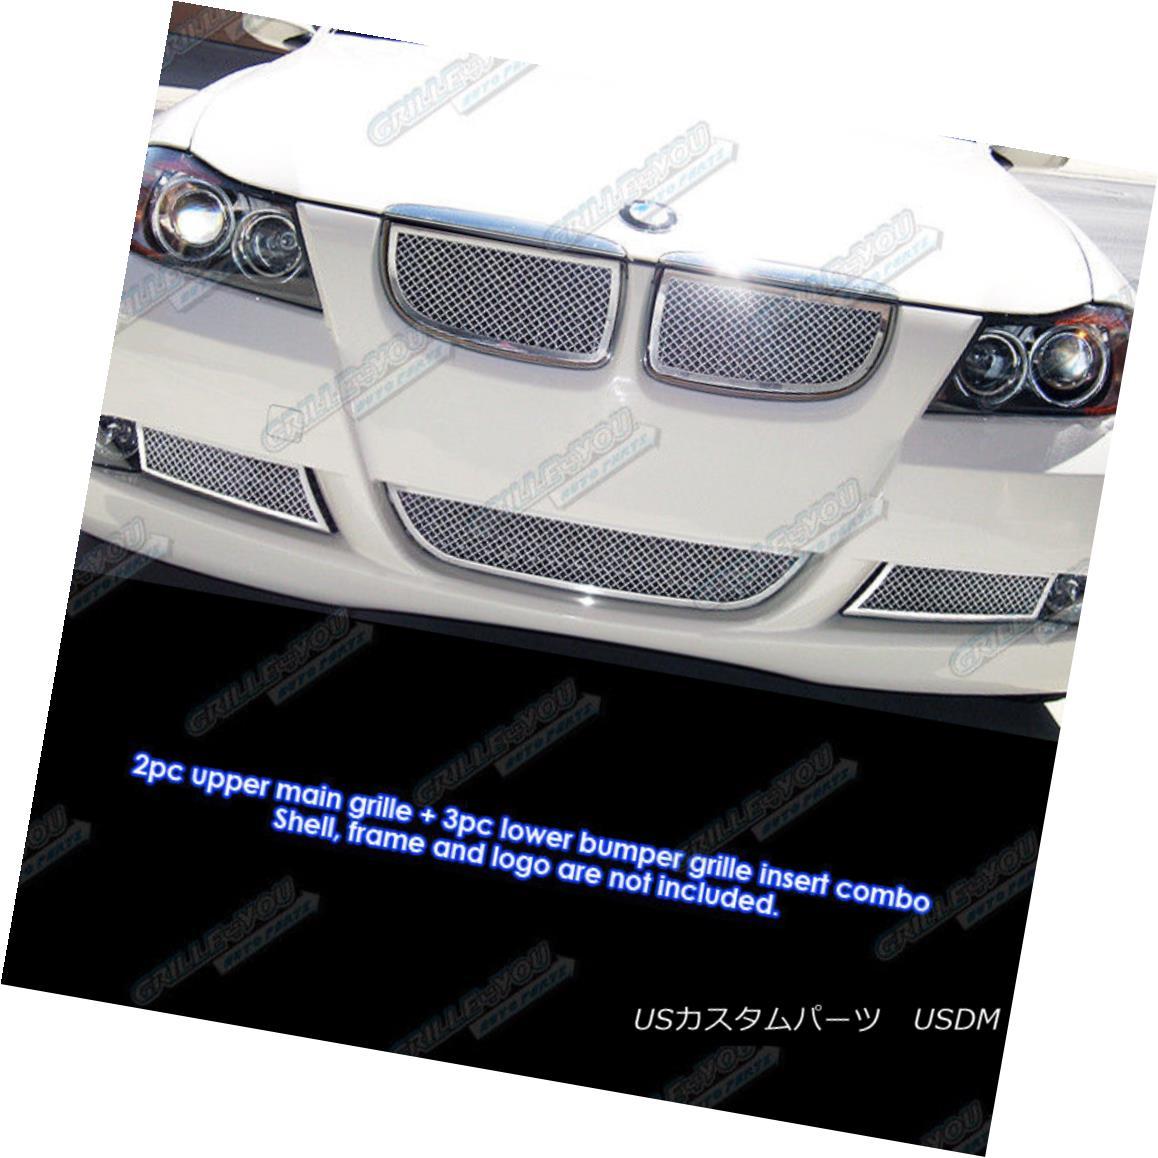 グリル Custom Fits 06-07 BMW 325I/330I Stainless Steel Mesh Grill Combo カスタムフィット06-07 BMW 325I / 330Iステンレスメッシュグリルコンボ